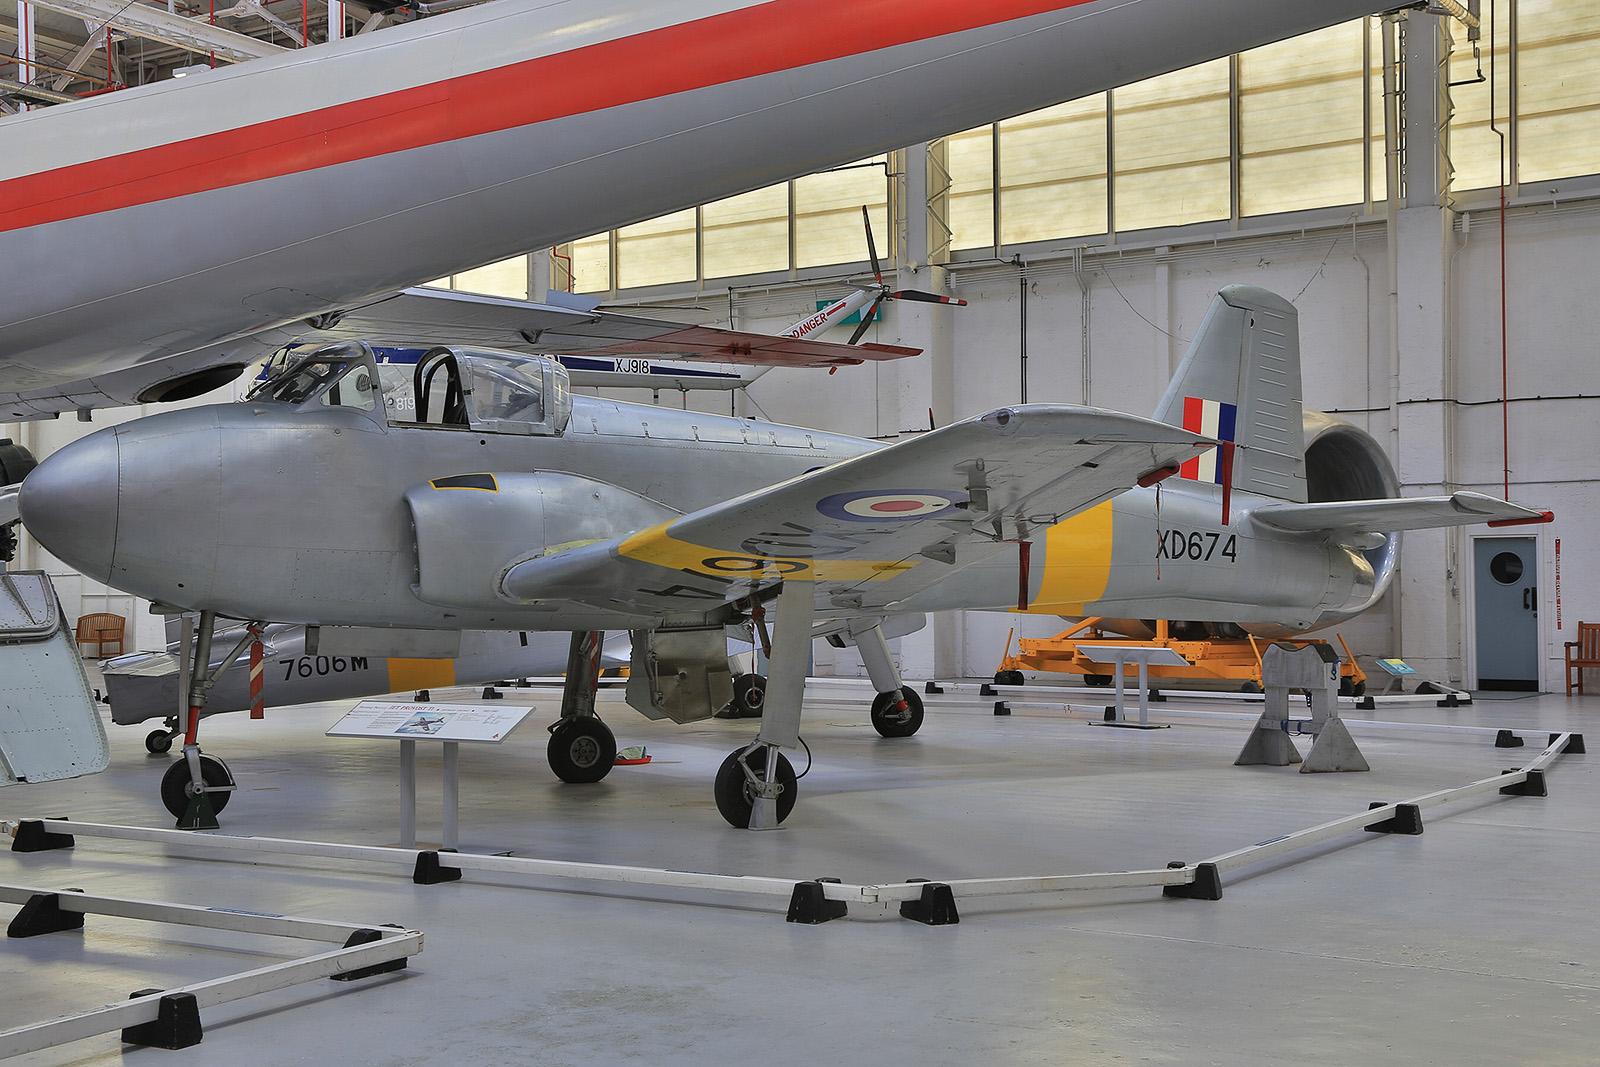 Die erste Variante der Hunting Percival Jet Provost sah noch ziemlich unförmig aus.